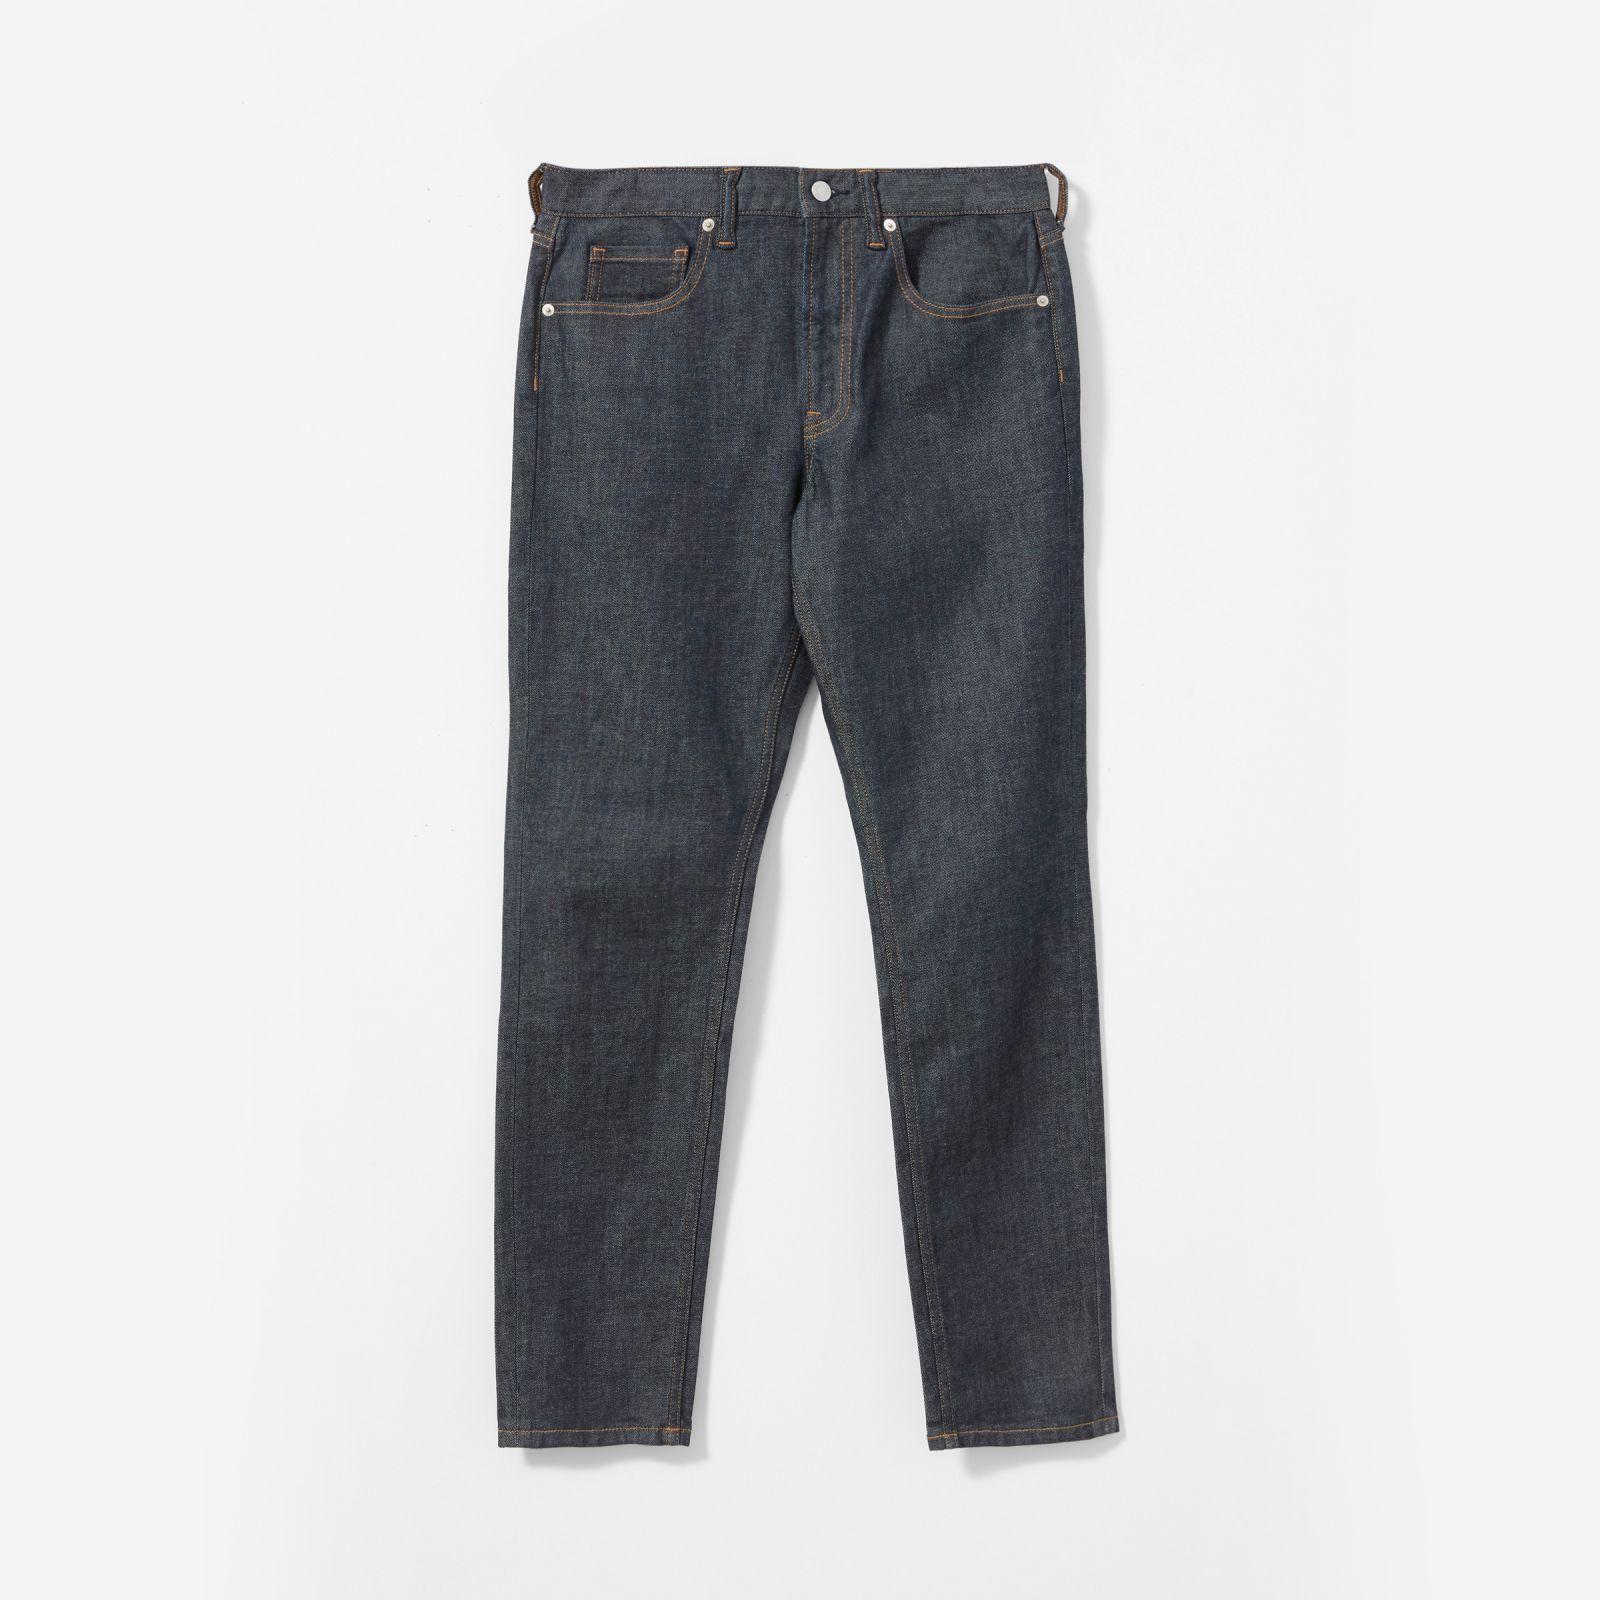 men's athletic fit jean by everlane in dark indigo, size 38x34